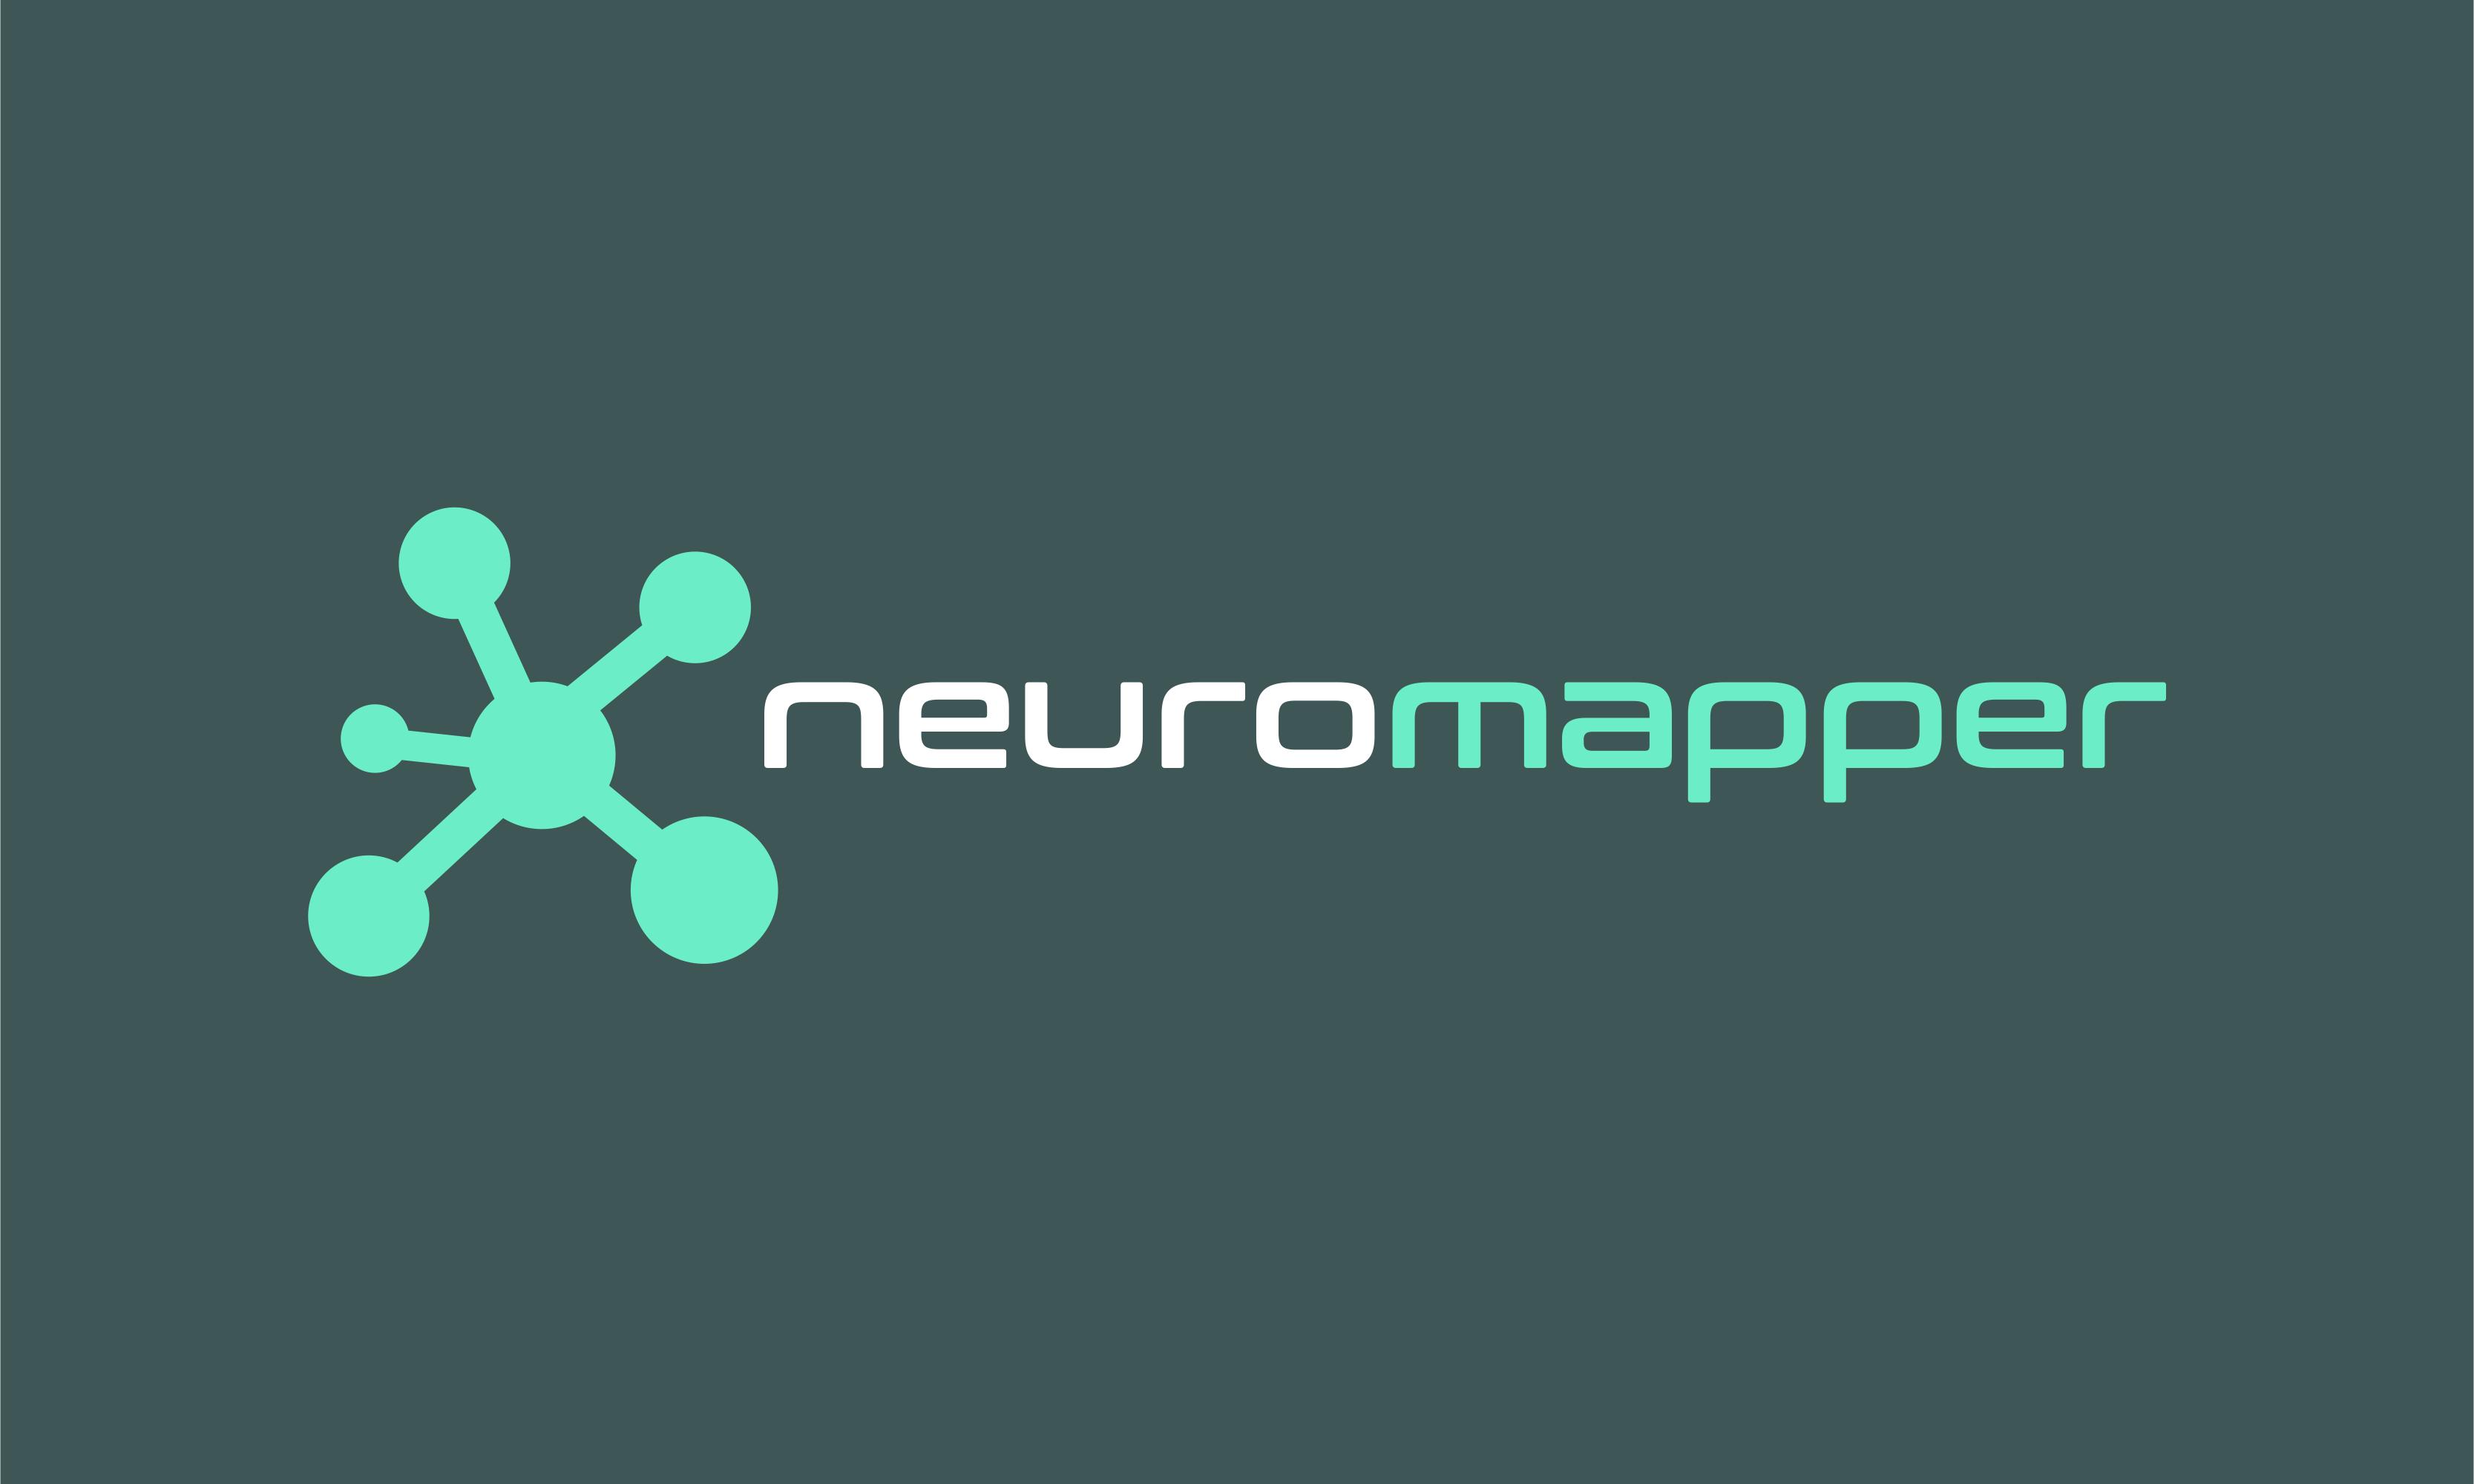 Neuromapper